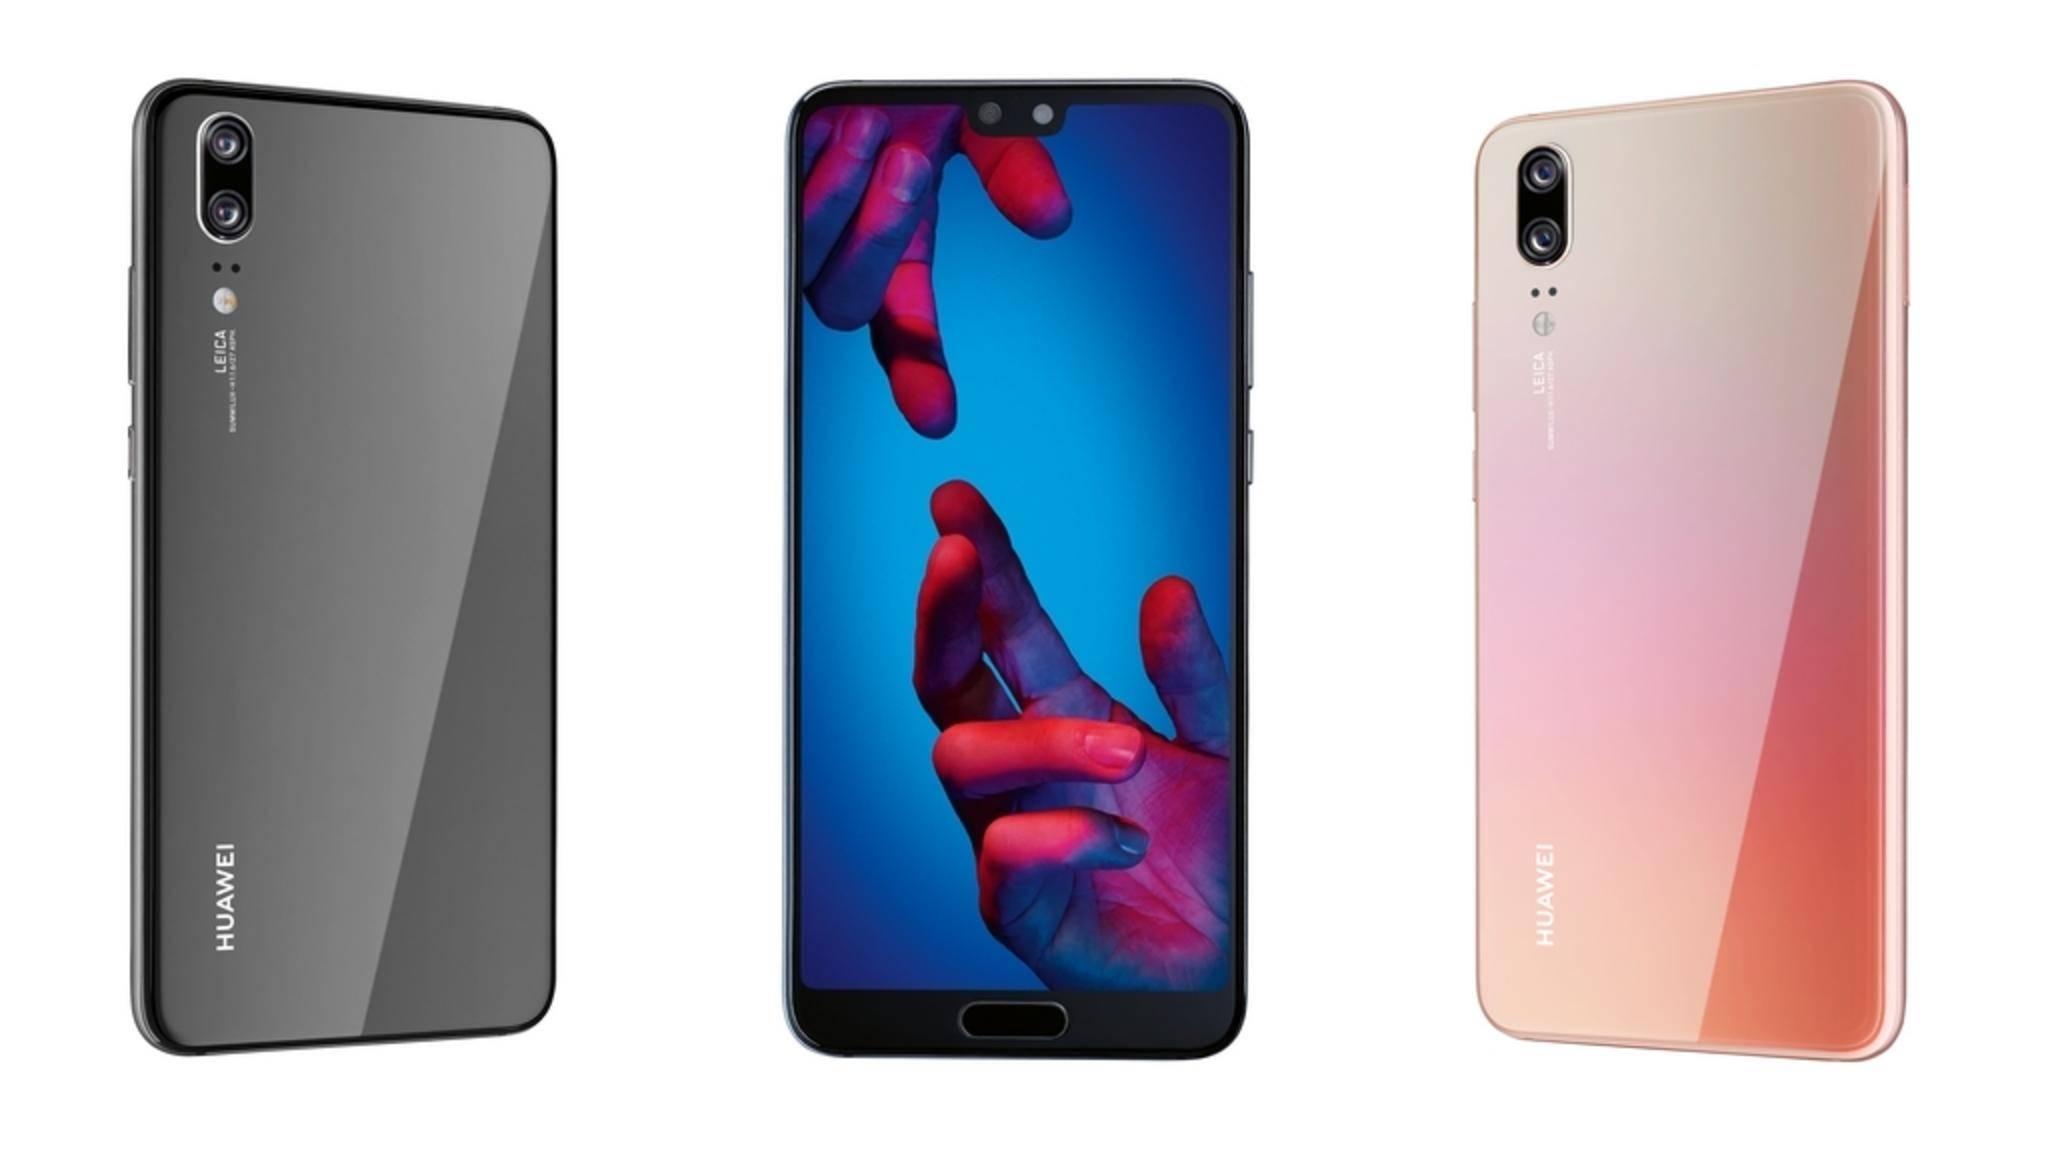 Das Huawei P20 kommt in schicken Farben daher.